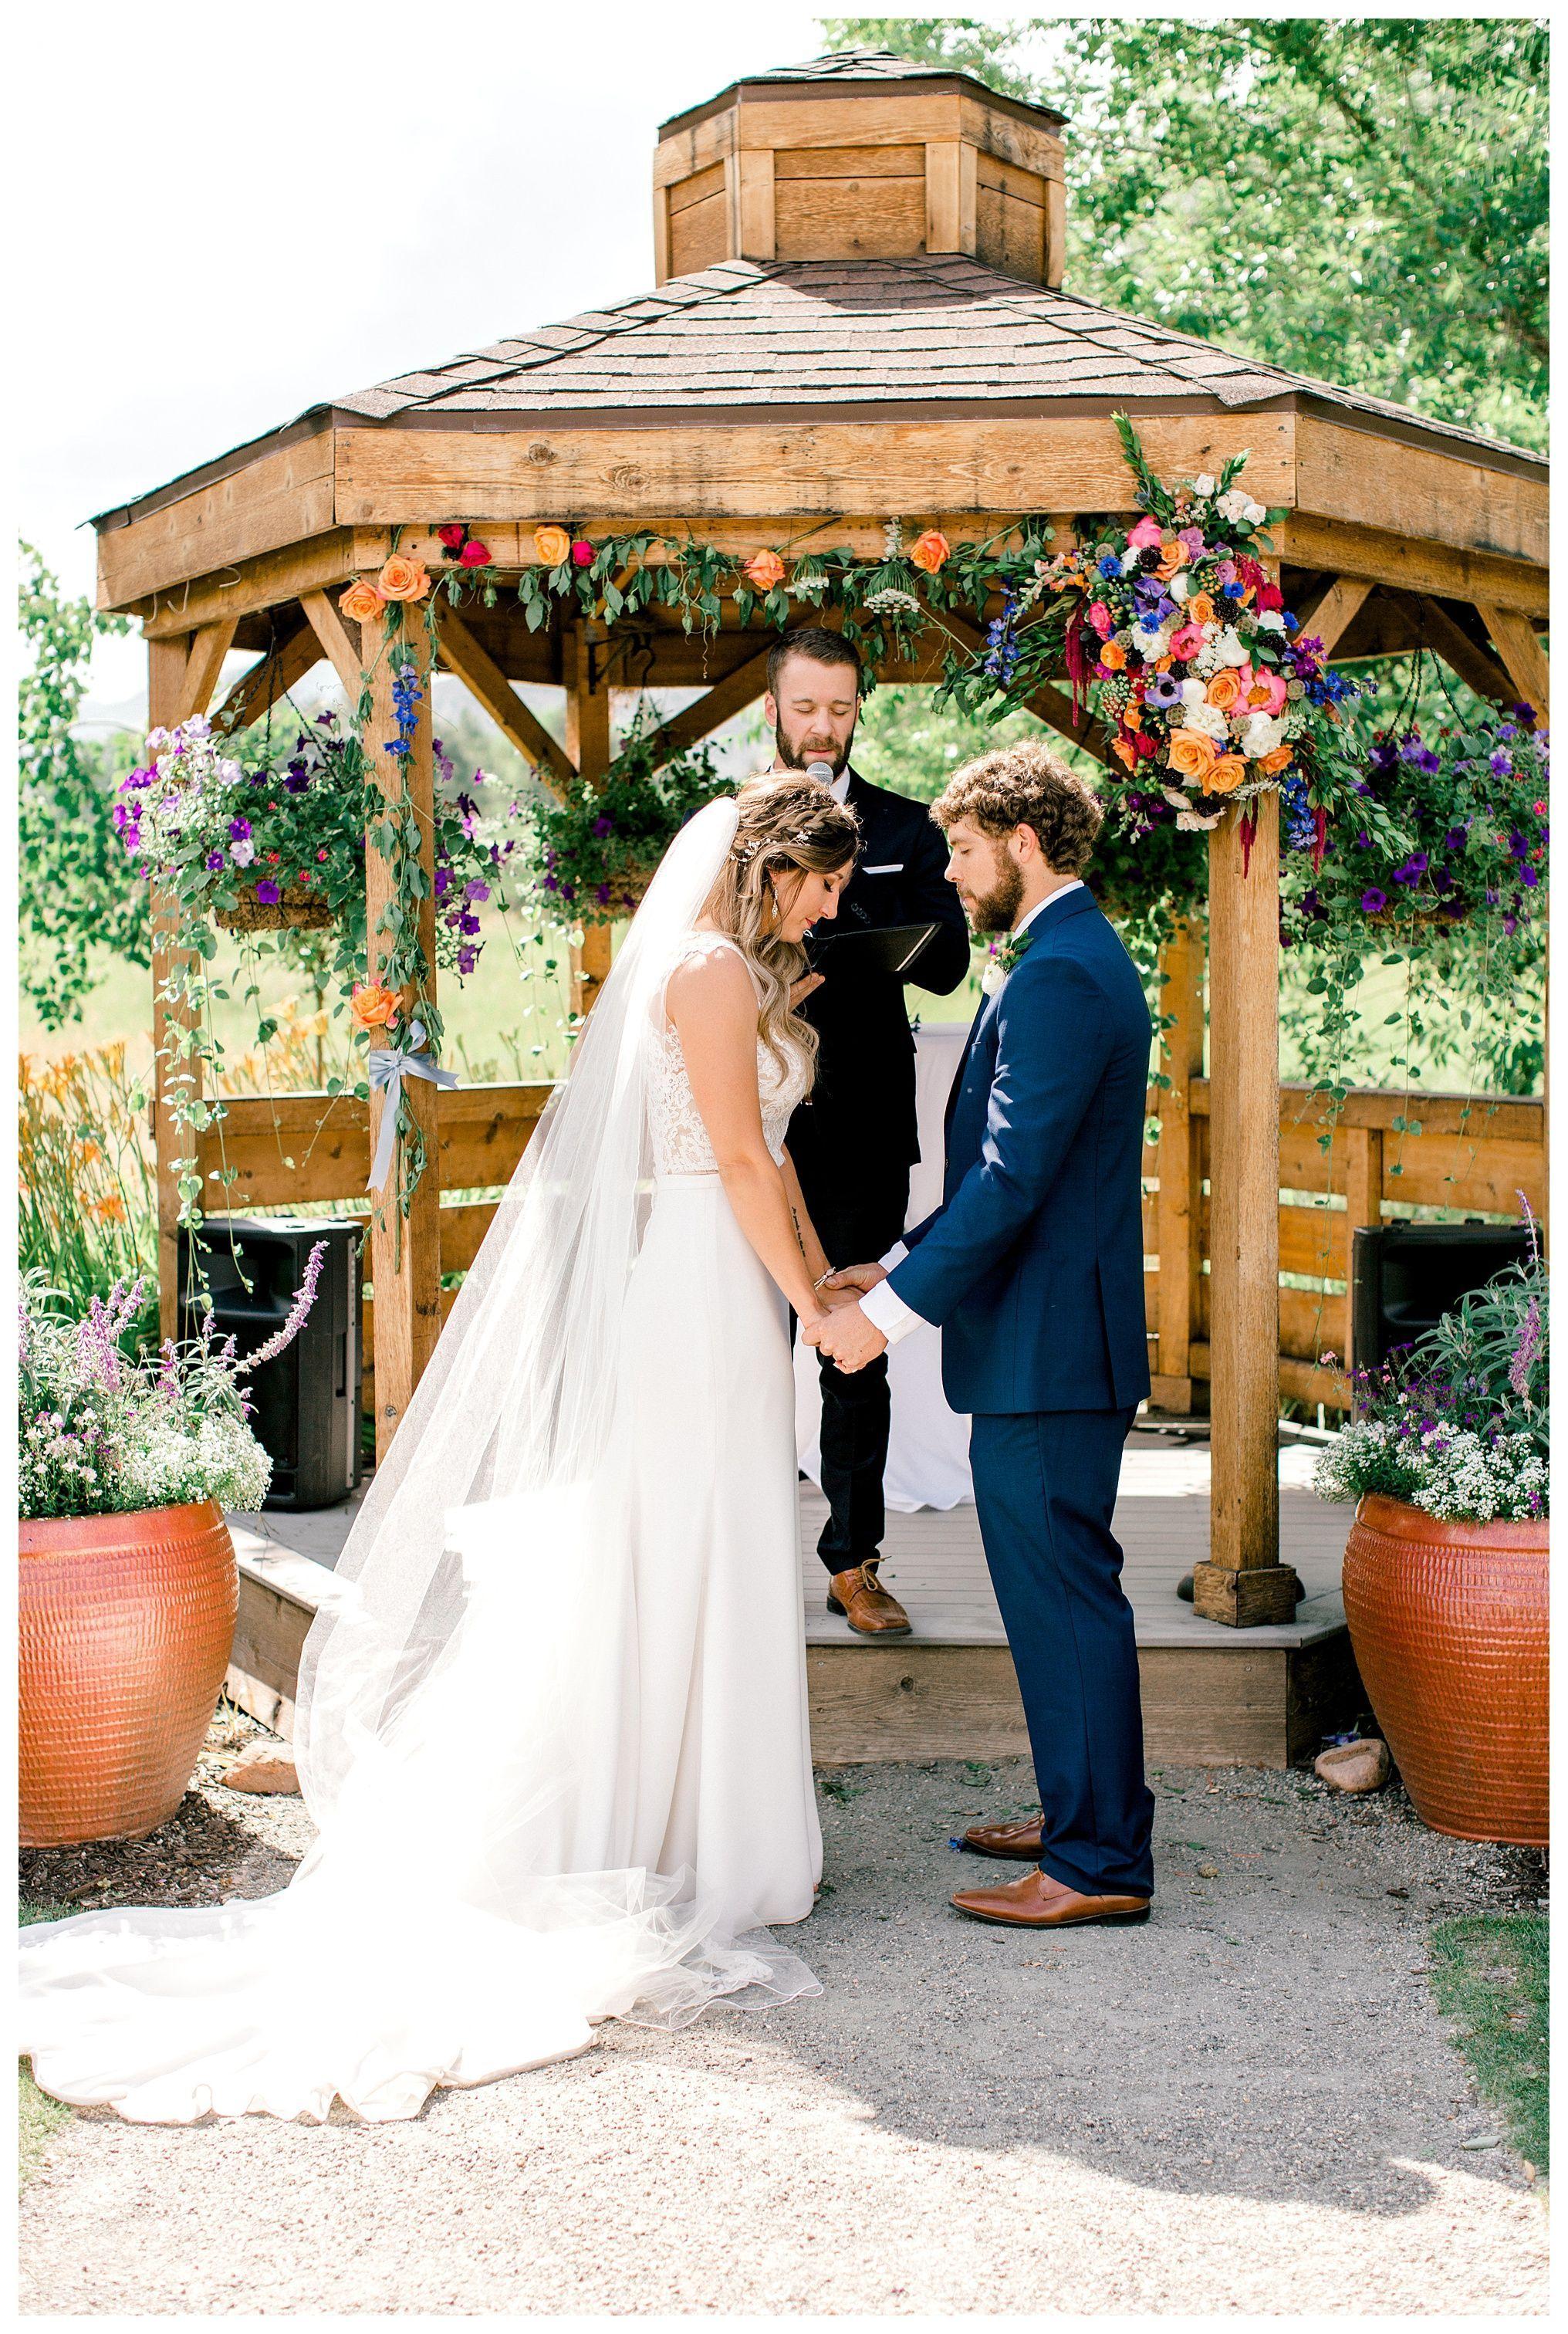 2e9a5daa14a3f3172691debe217fc0d0 - Denver Botanic Gardens Chatfield Farms Wedding